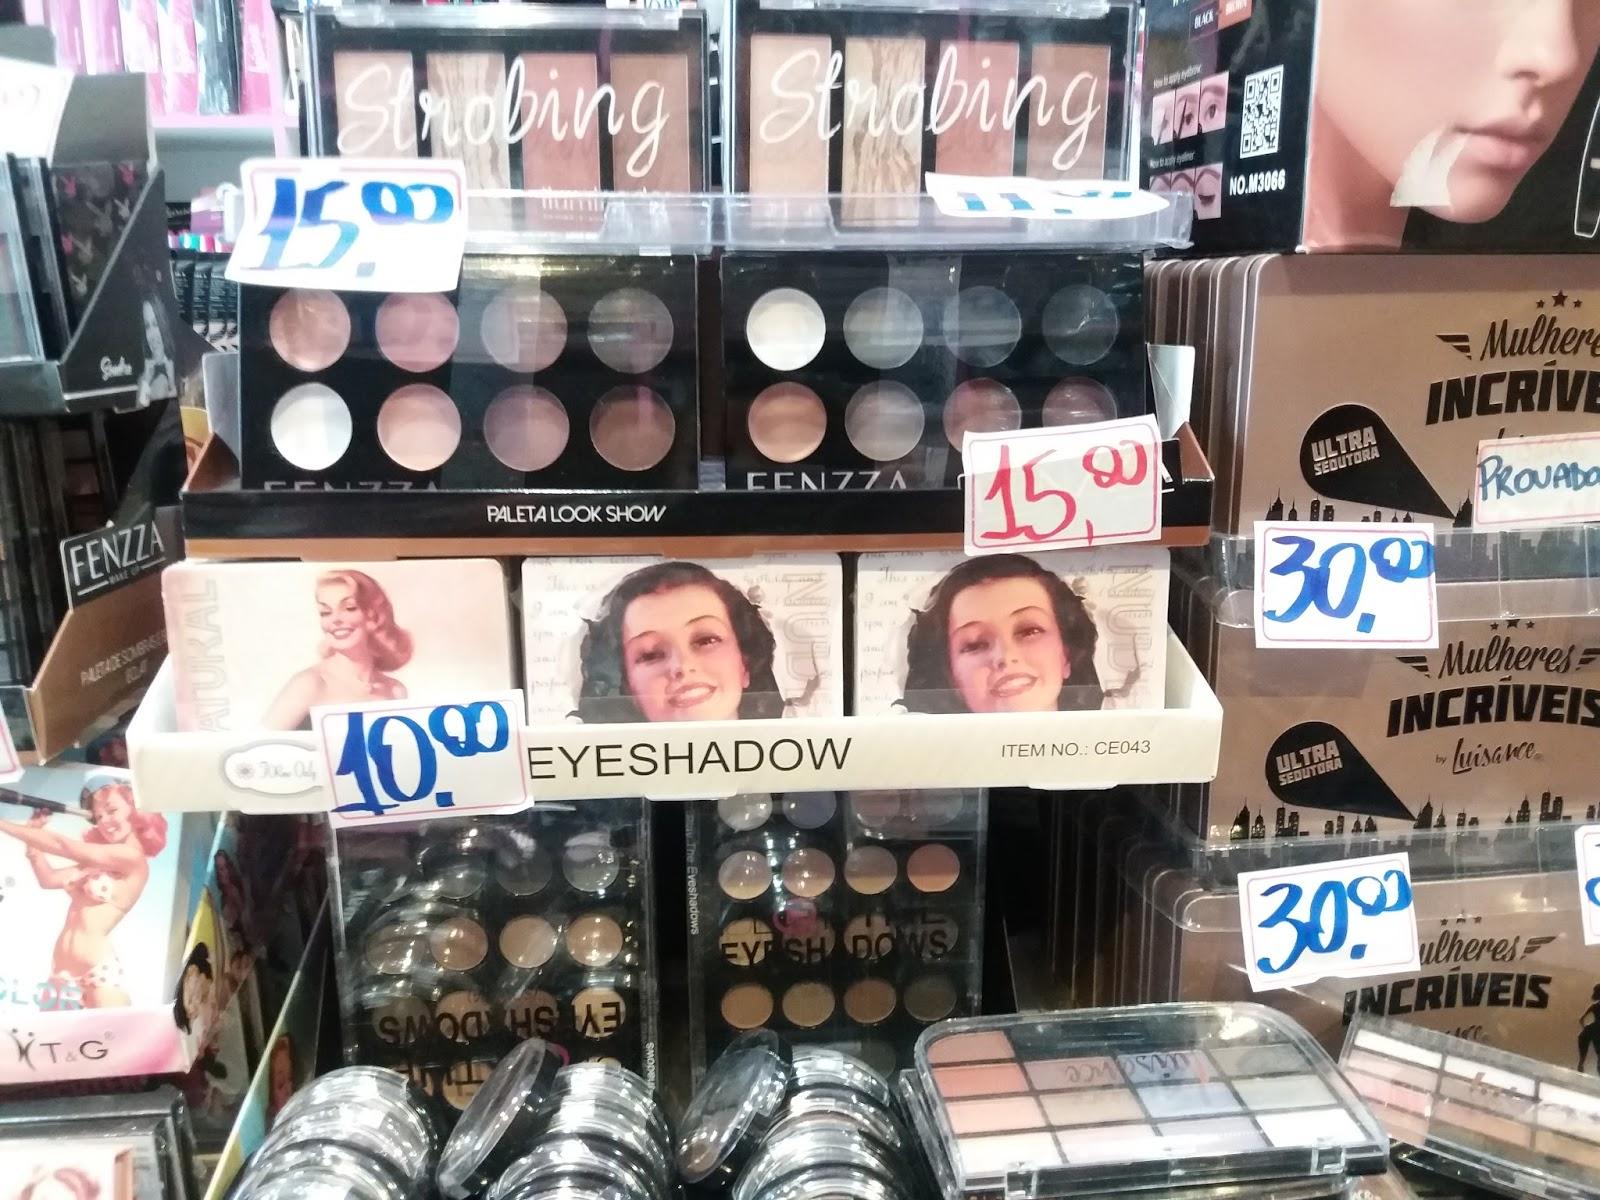 248b2d3f5 Vou mostrar algumas fotos da loja e logo após vocês podem assistir o vídeo  completo de tour pela loja.